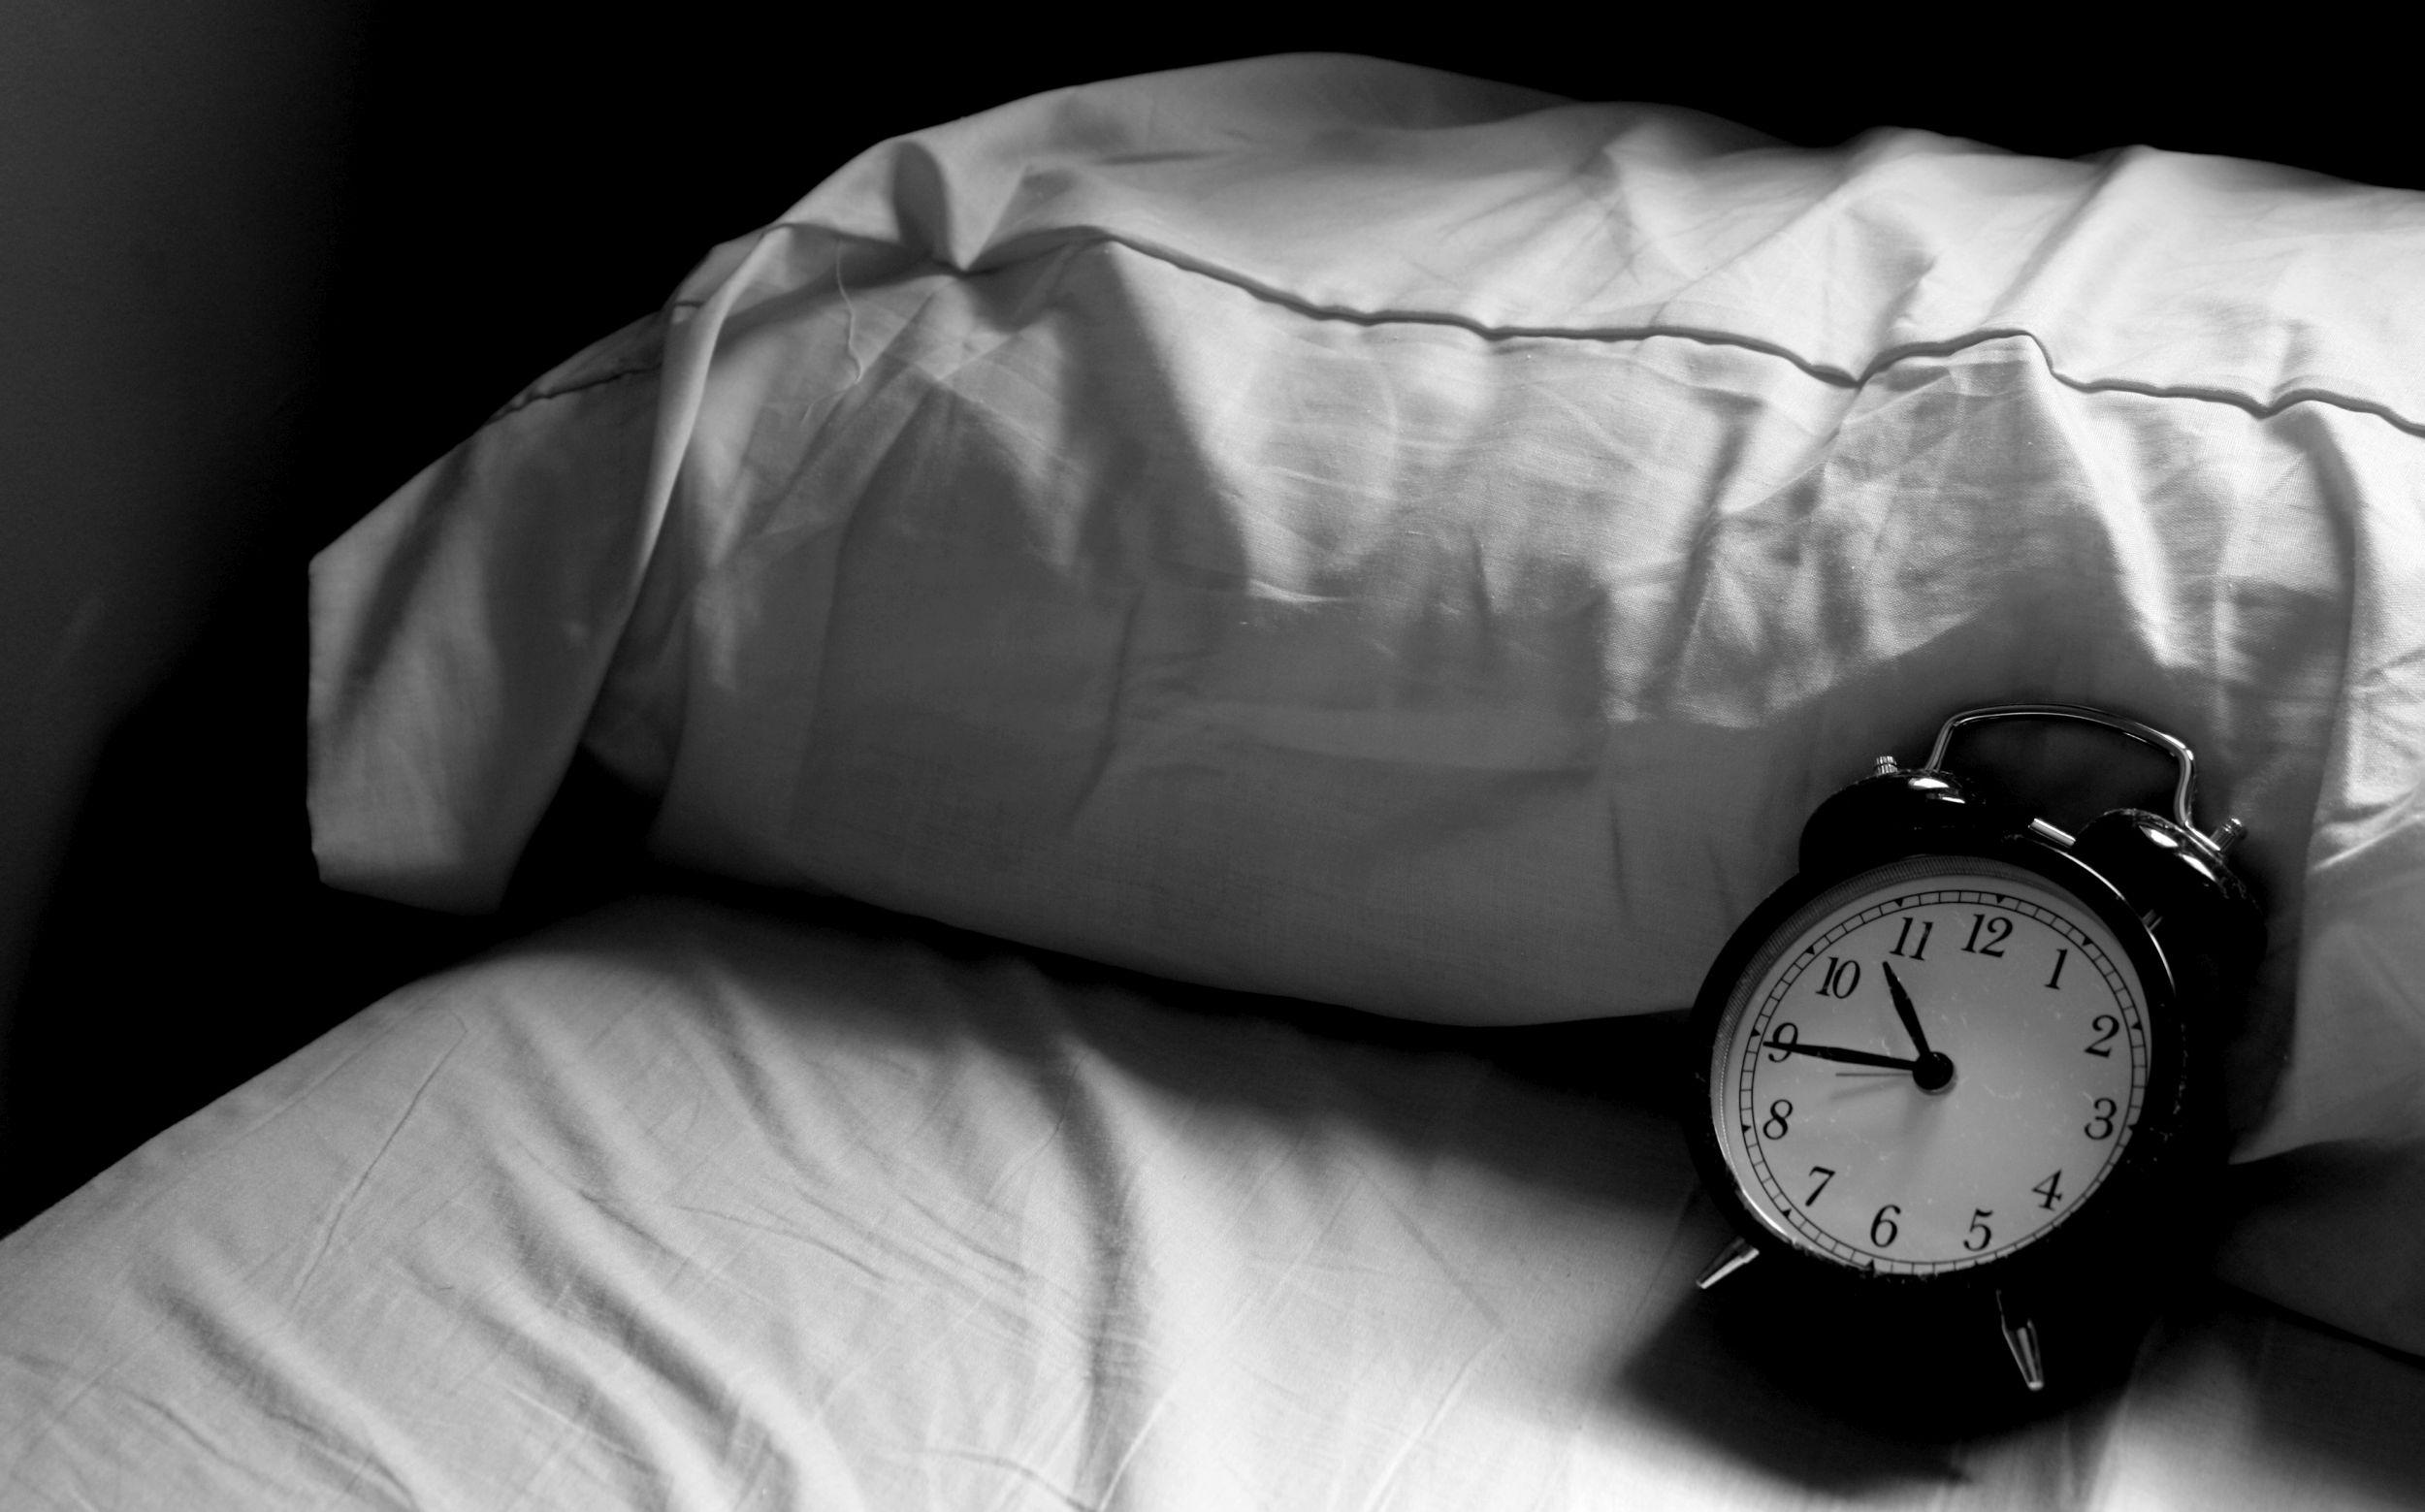 Według naukowców przesypiamy 1/3 życia (fot. starlights_ / bit.ly/1cvqOCV / CC BY / bit.ly/1hYHpKw)